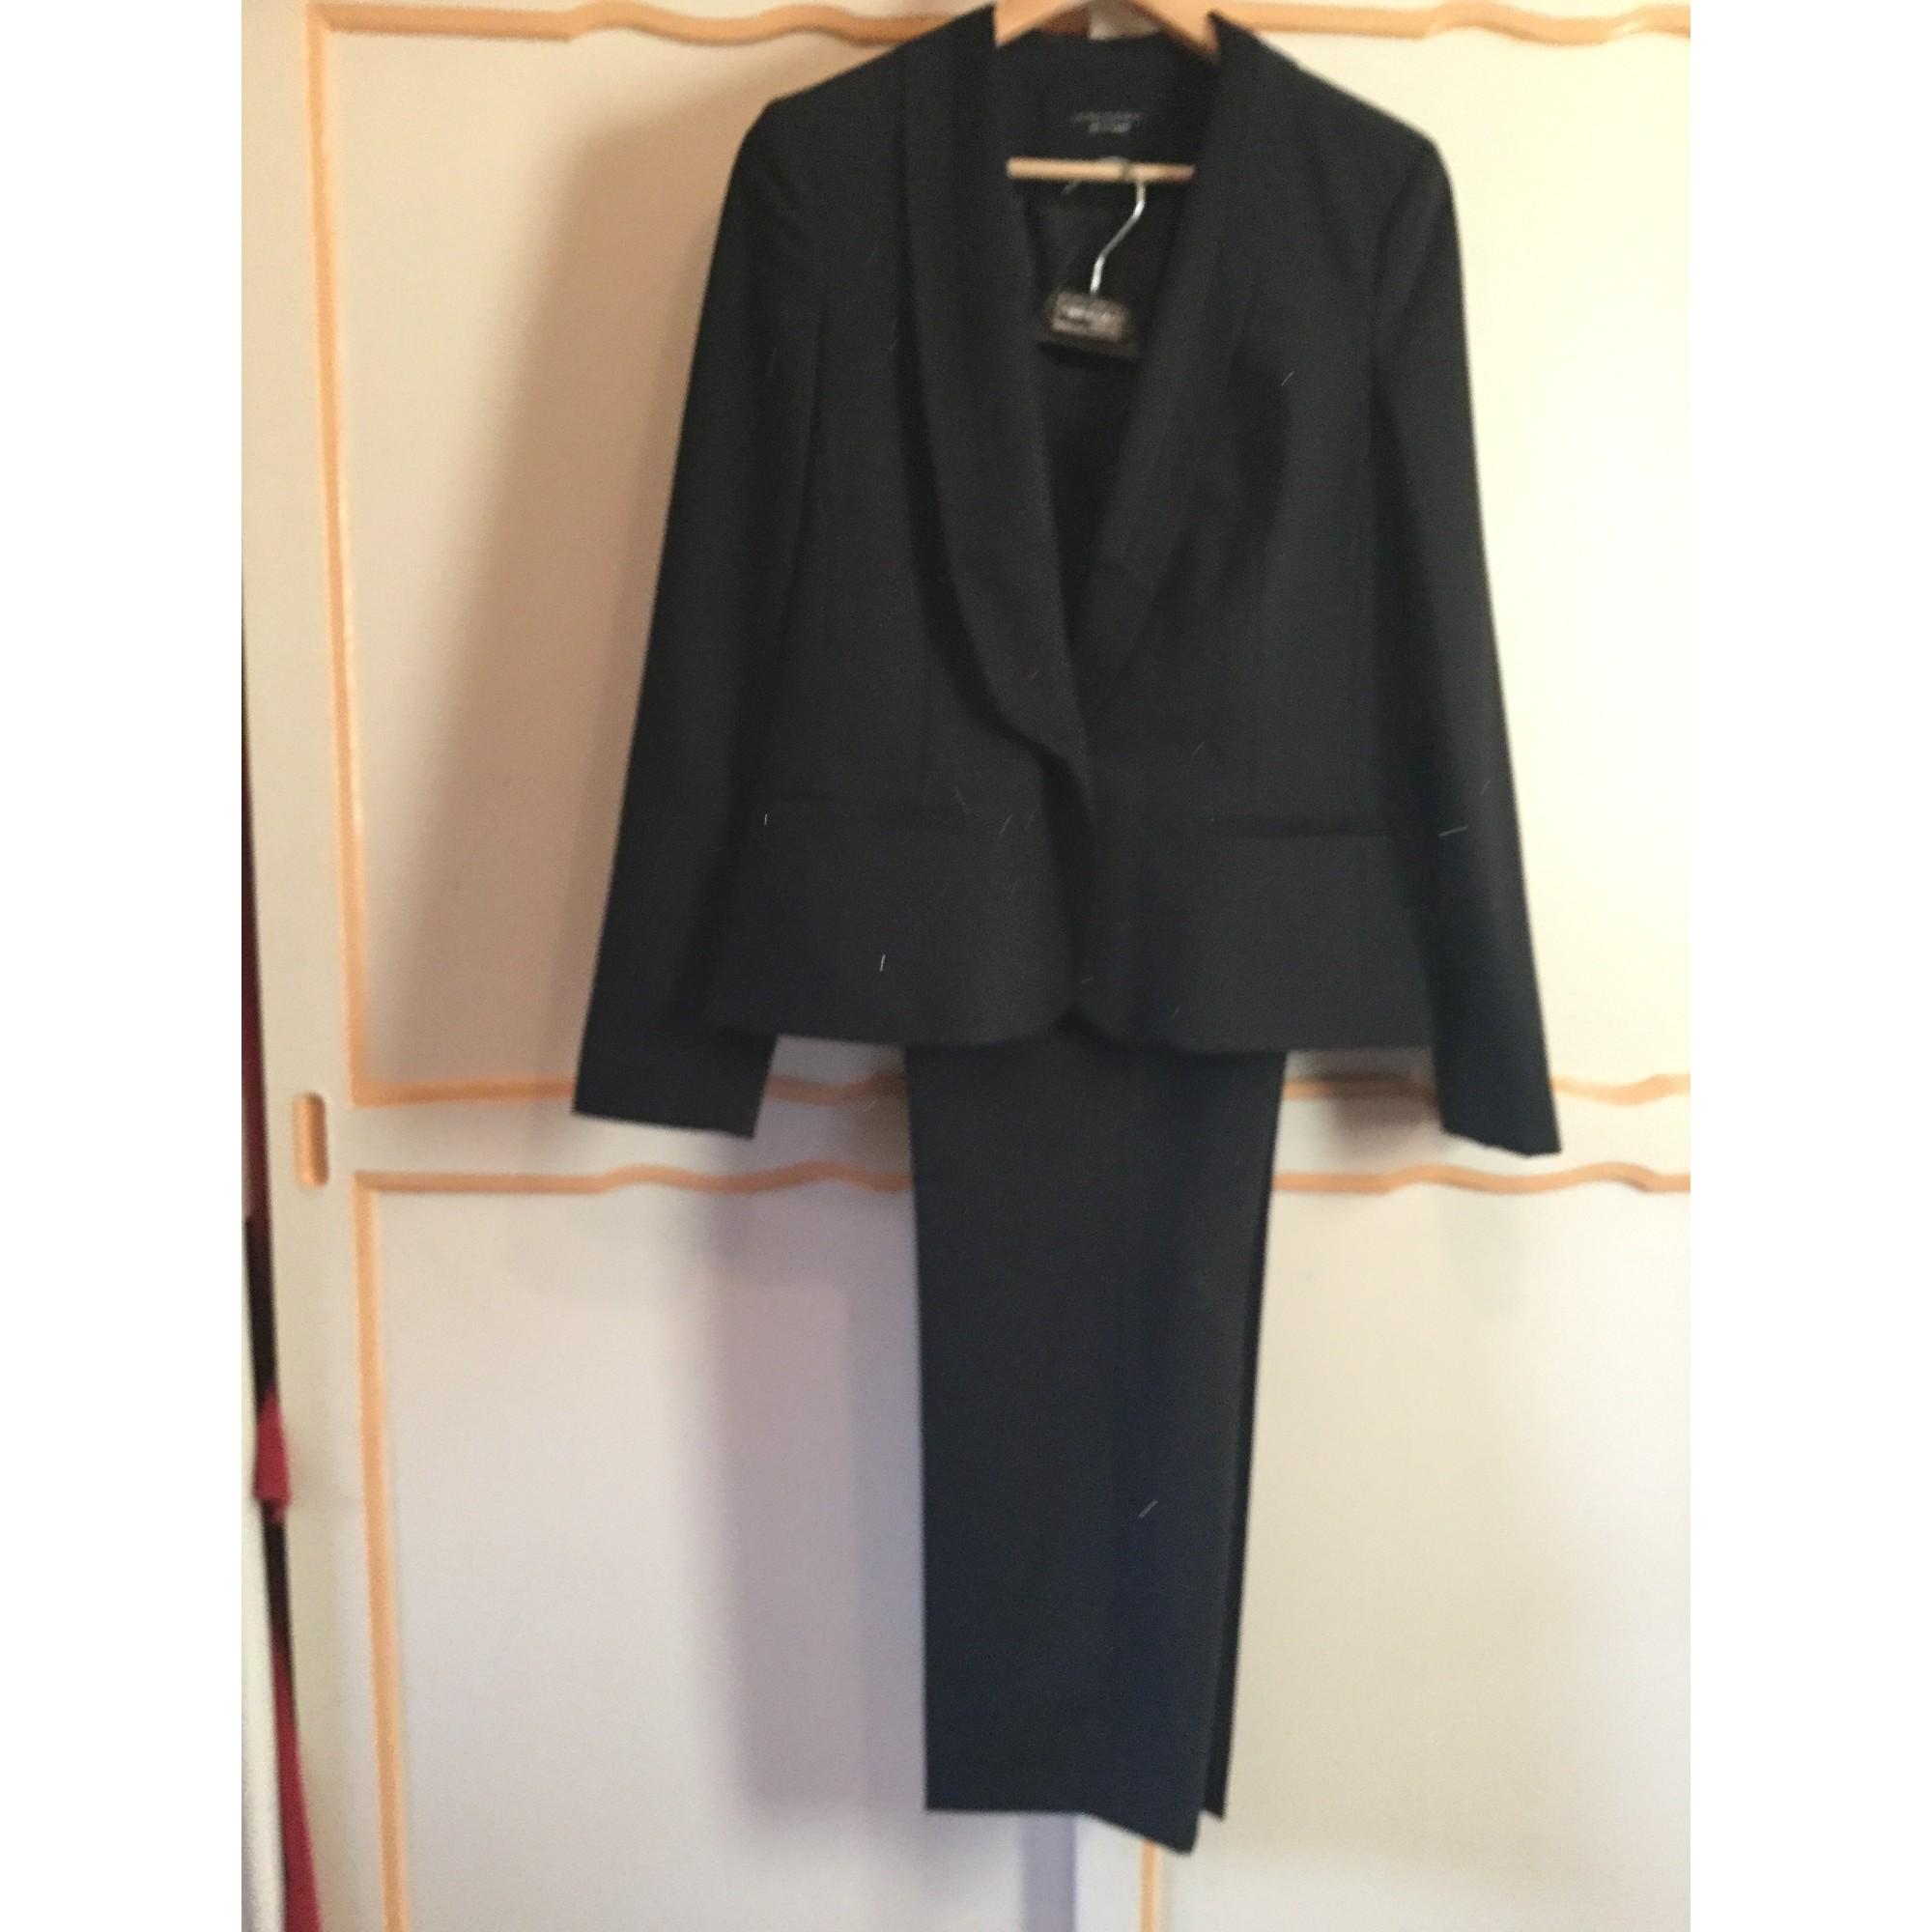 Pantalon Tailleur Laura Redoute Pour 42lxlT4 La Clément LjR534A